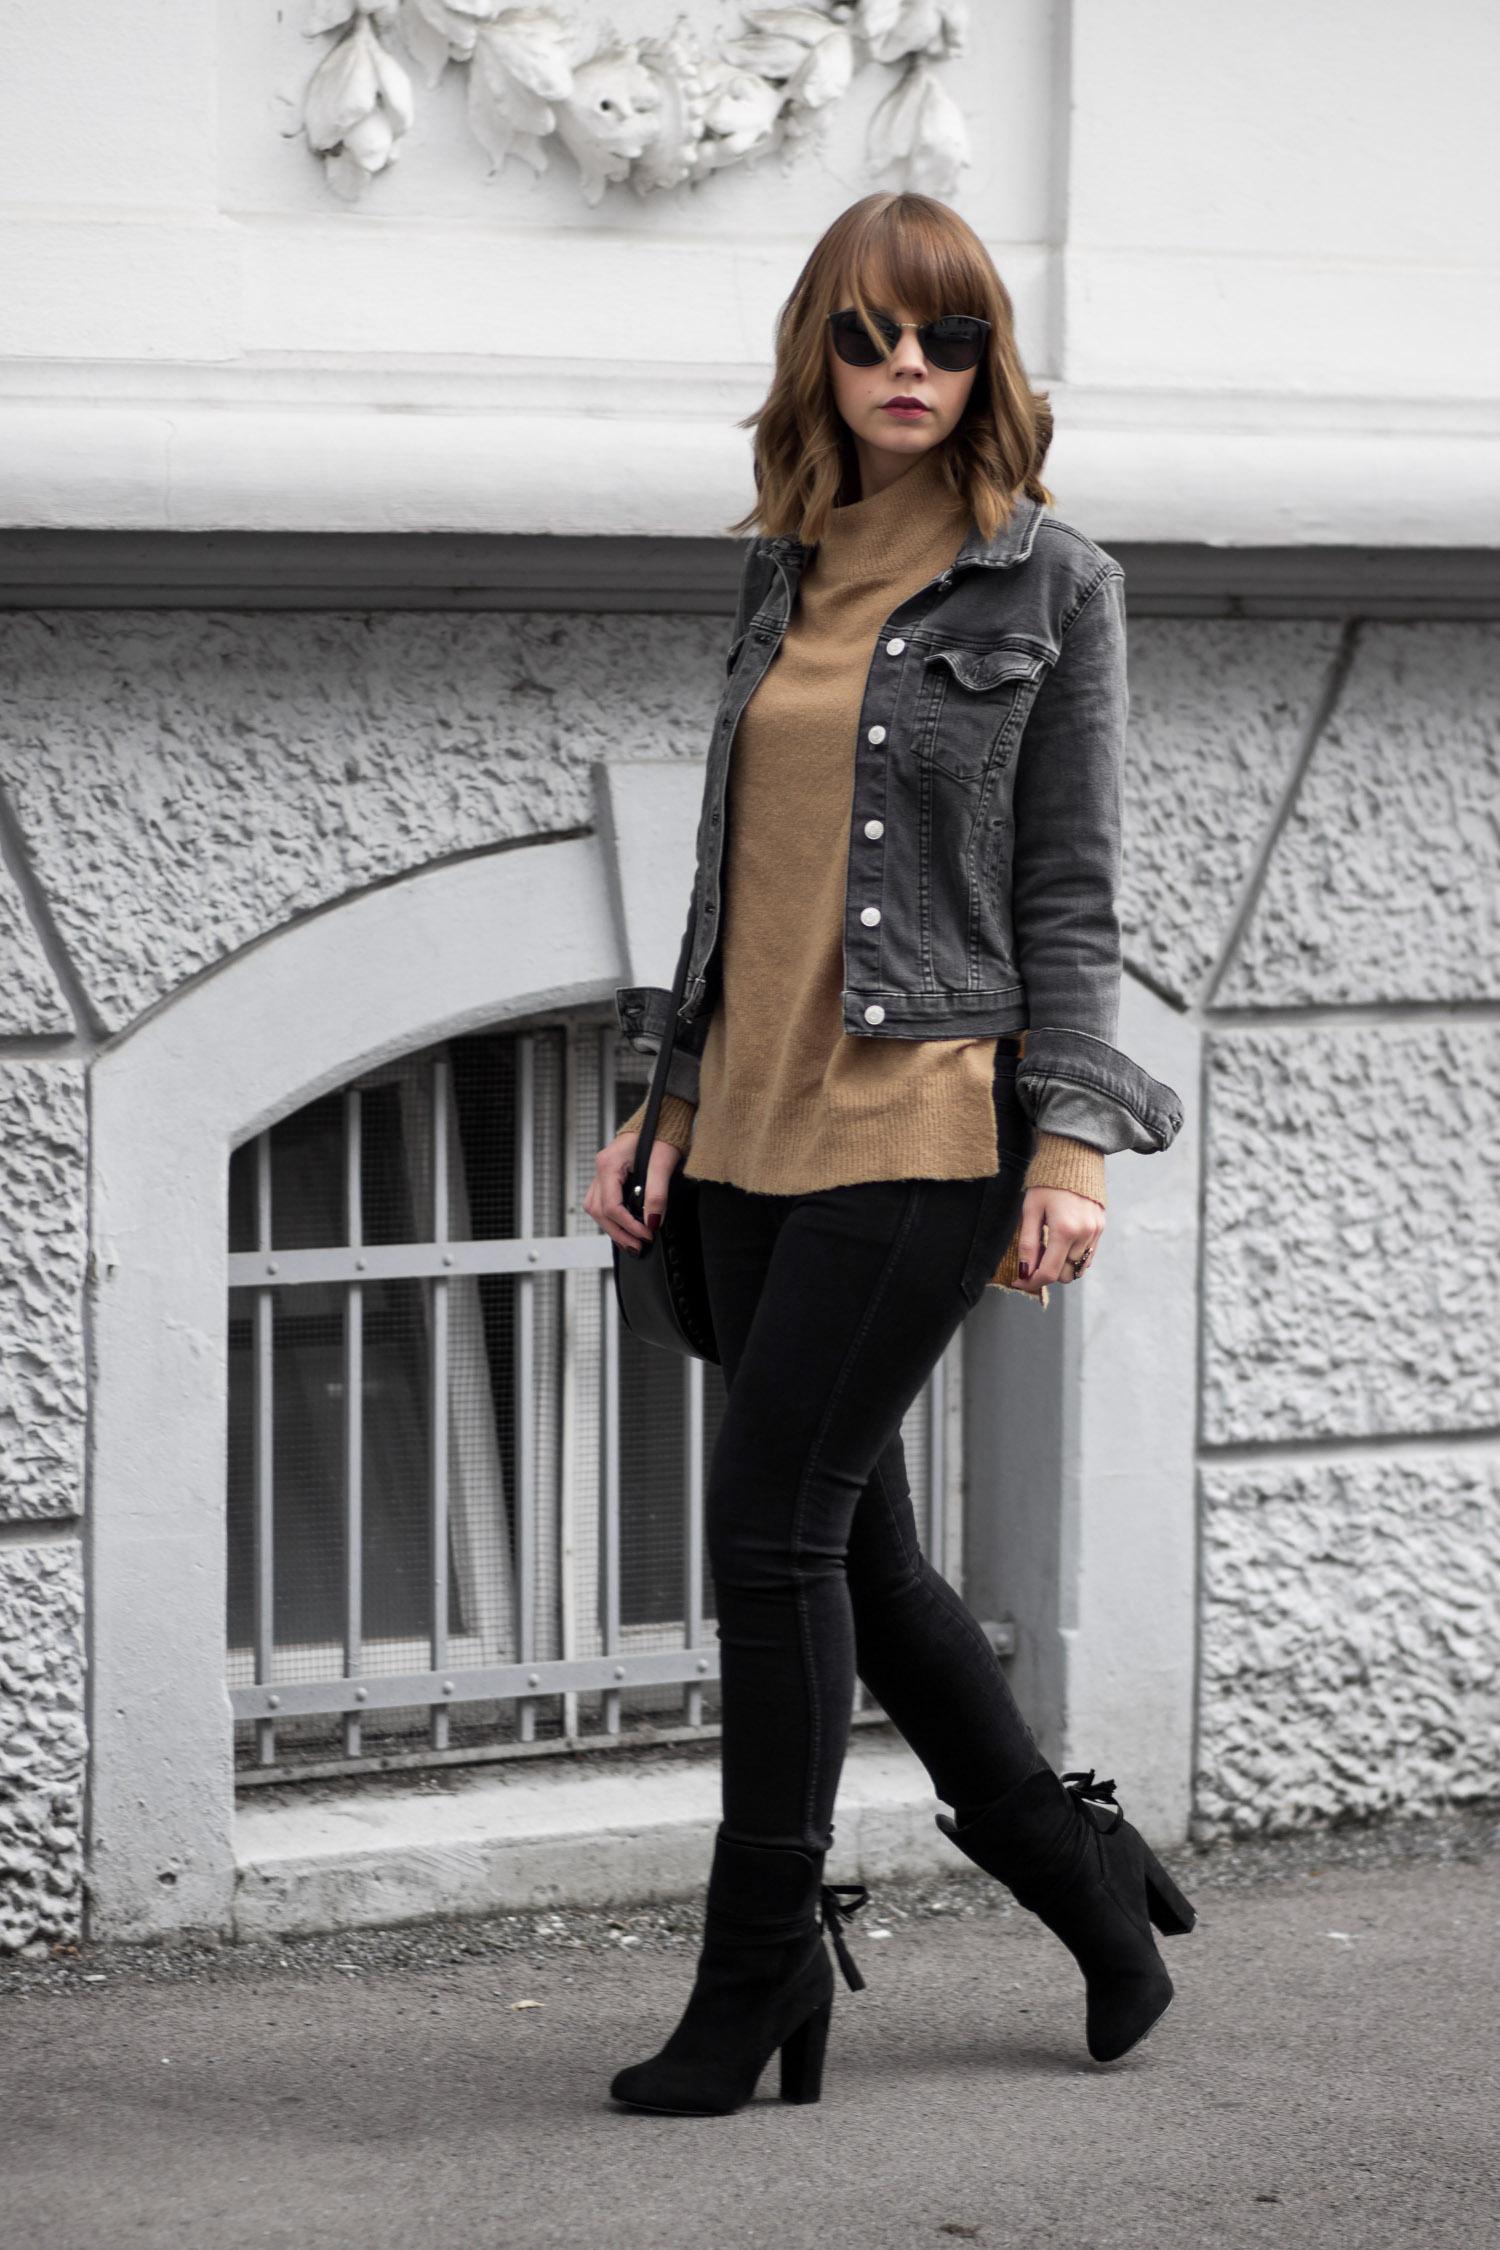 jeansjacke im herbst outfit mit schwarzer jeansjacke und braunem strickpullover bezaubernde nana. Black Bedroom Furniture Sets. Home Design Ideas